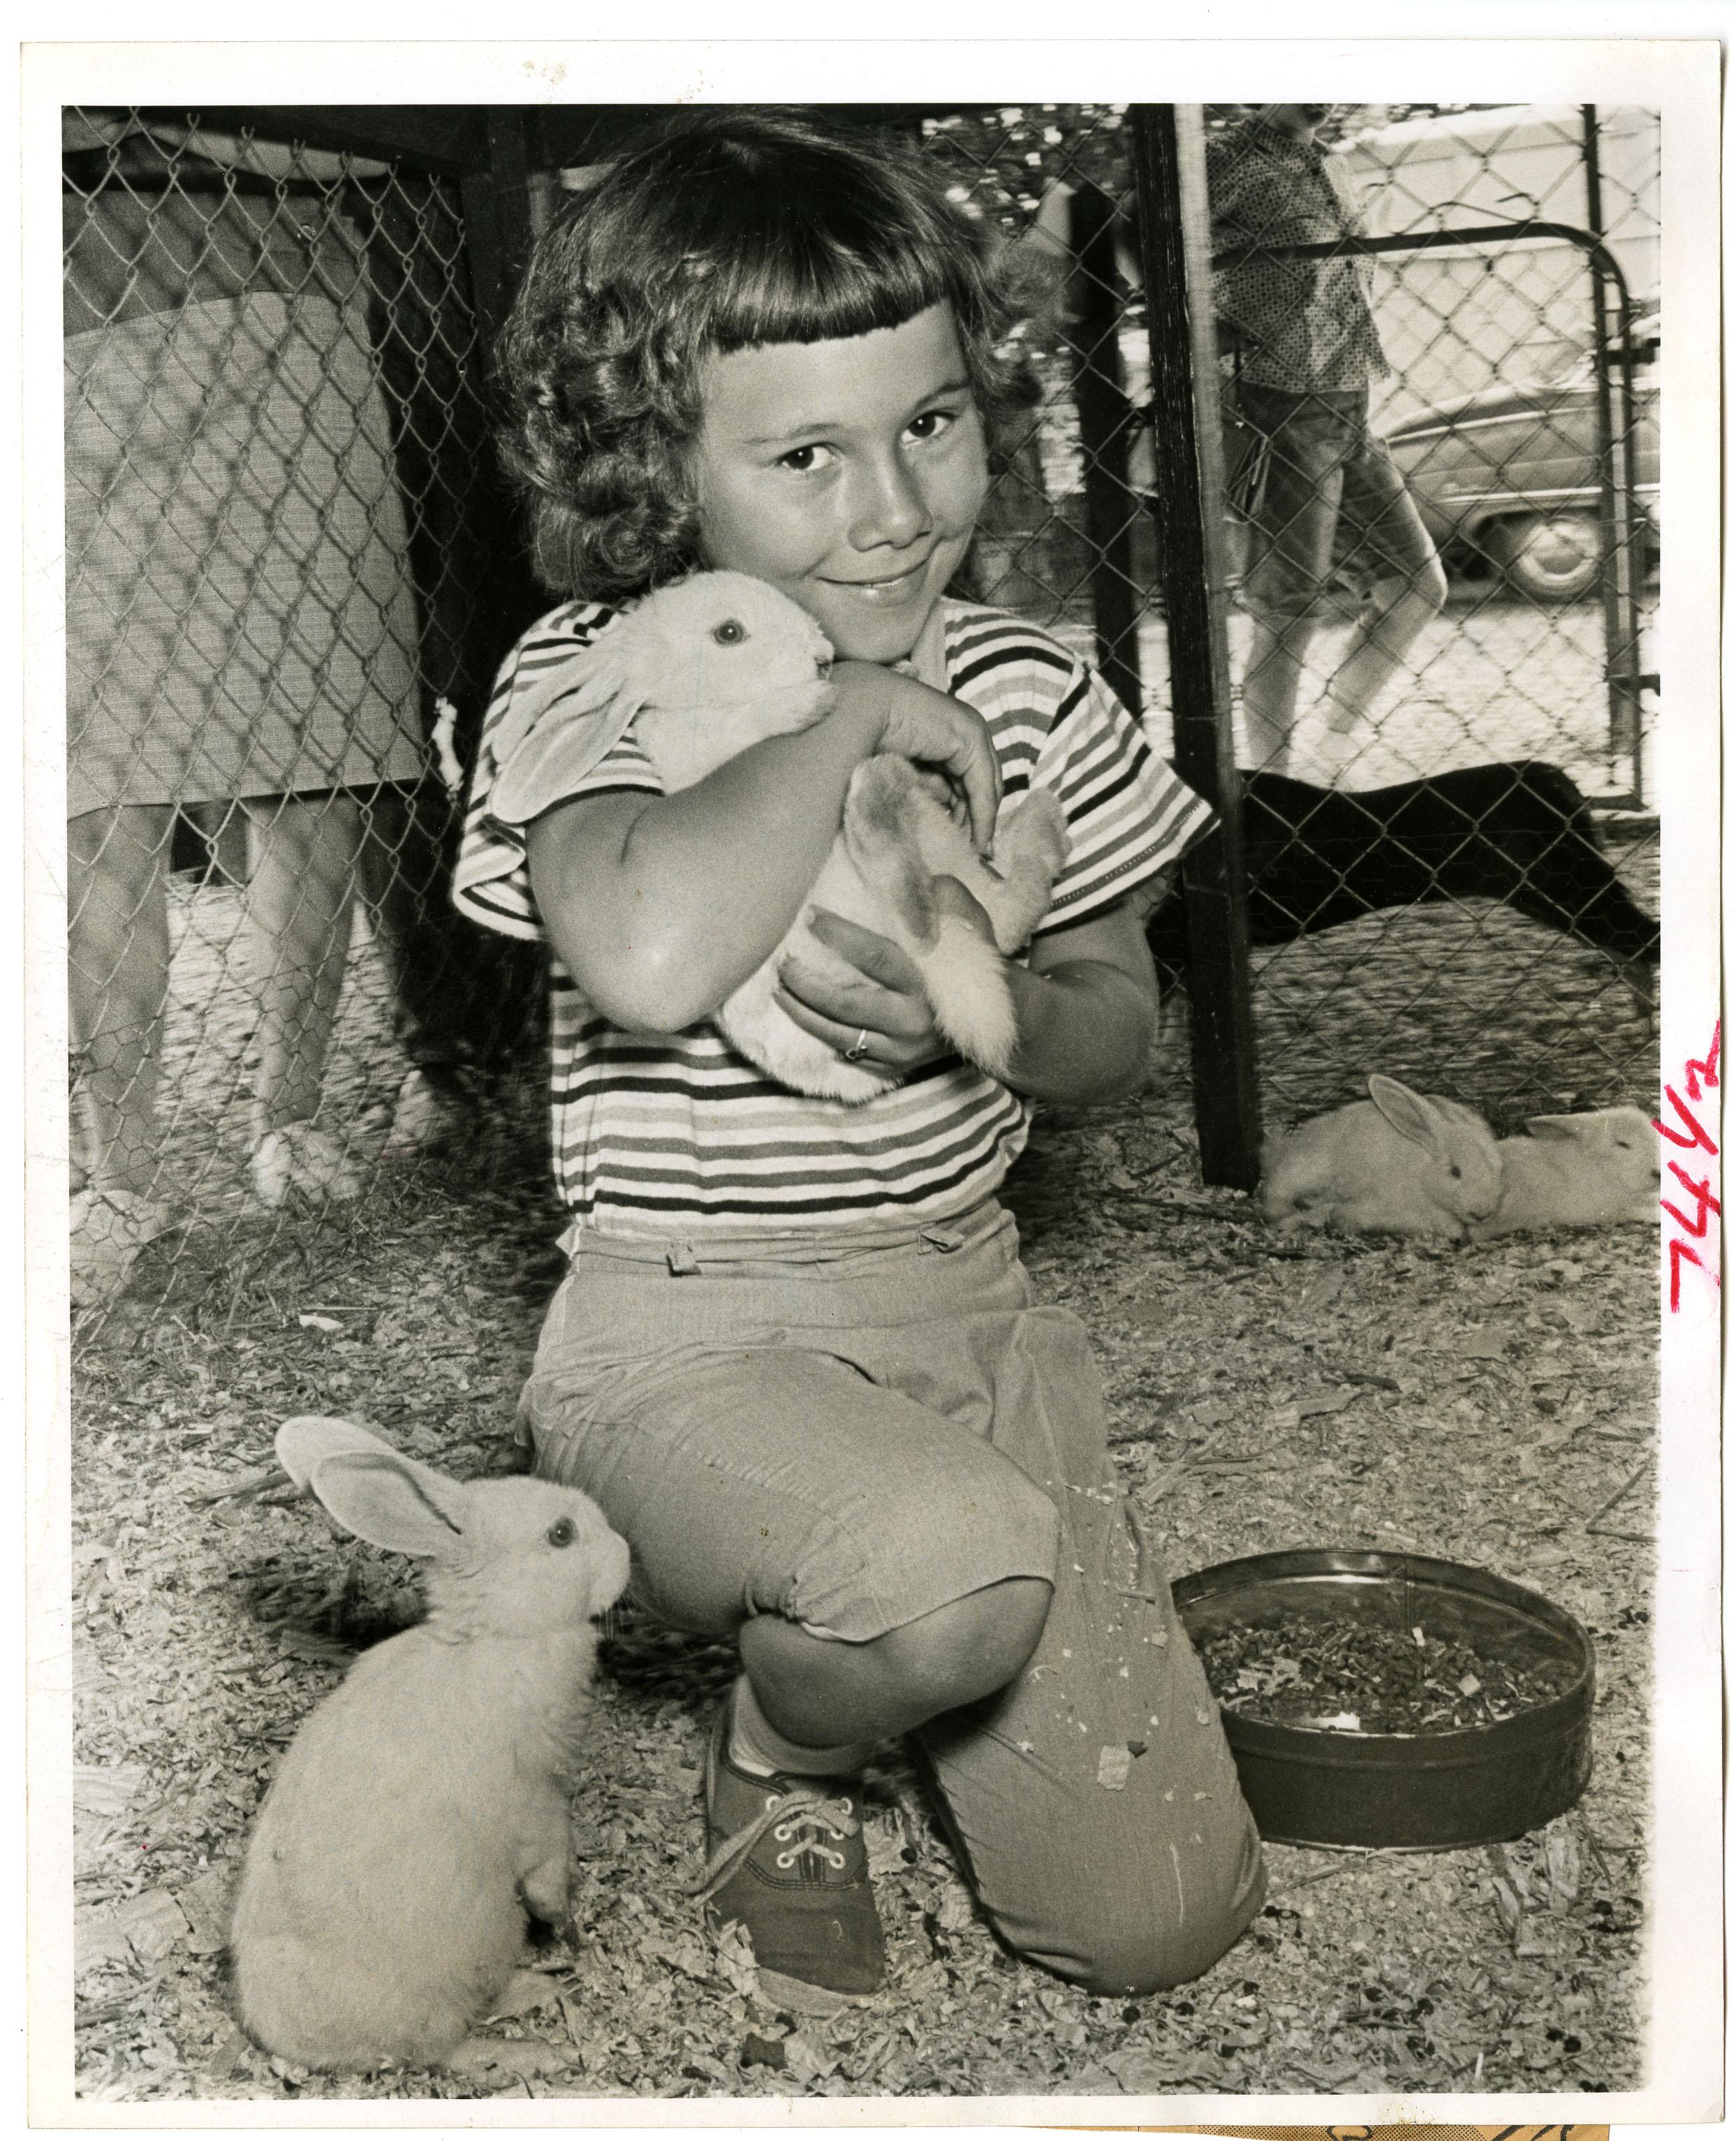 State Fair Girl